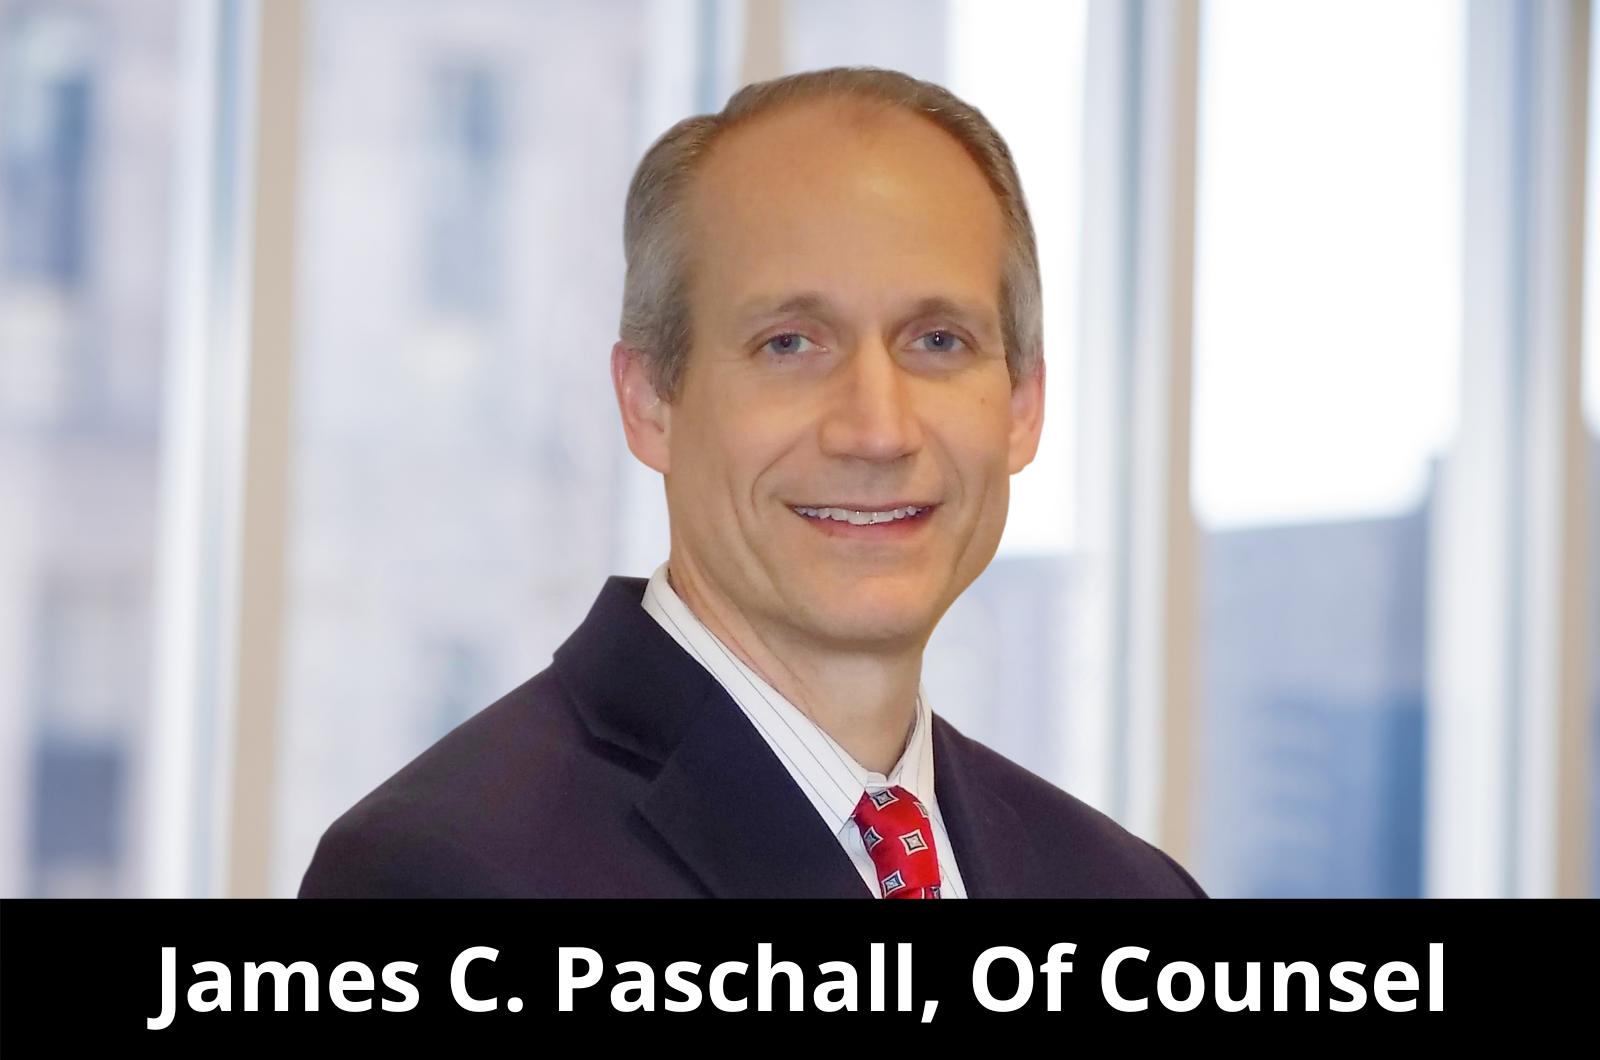 James C. Pashall